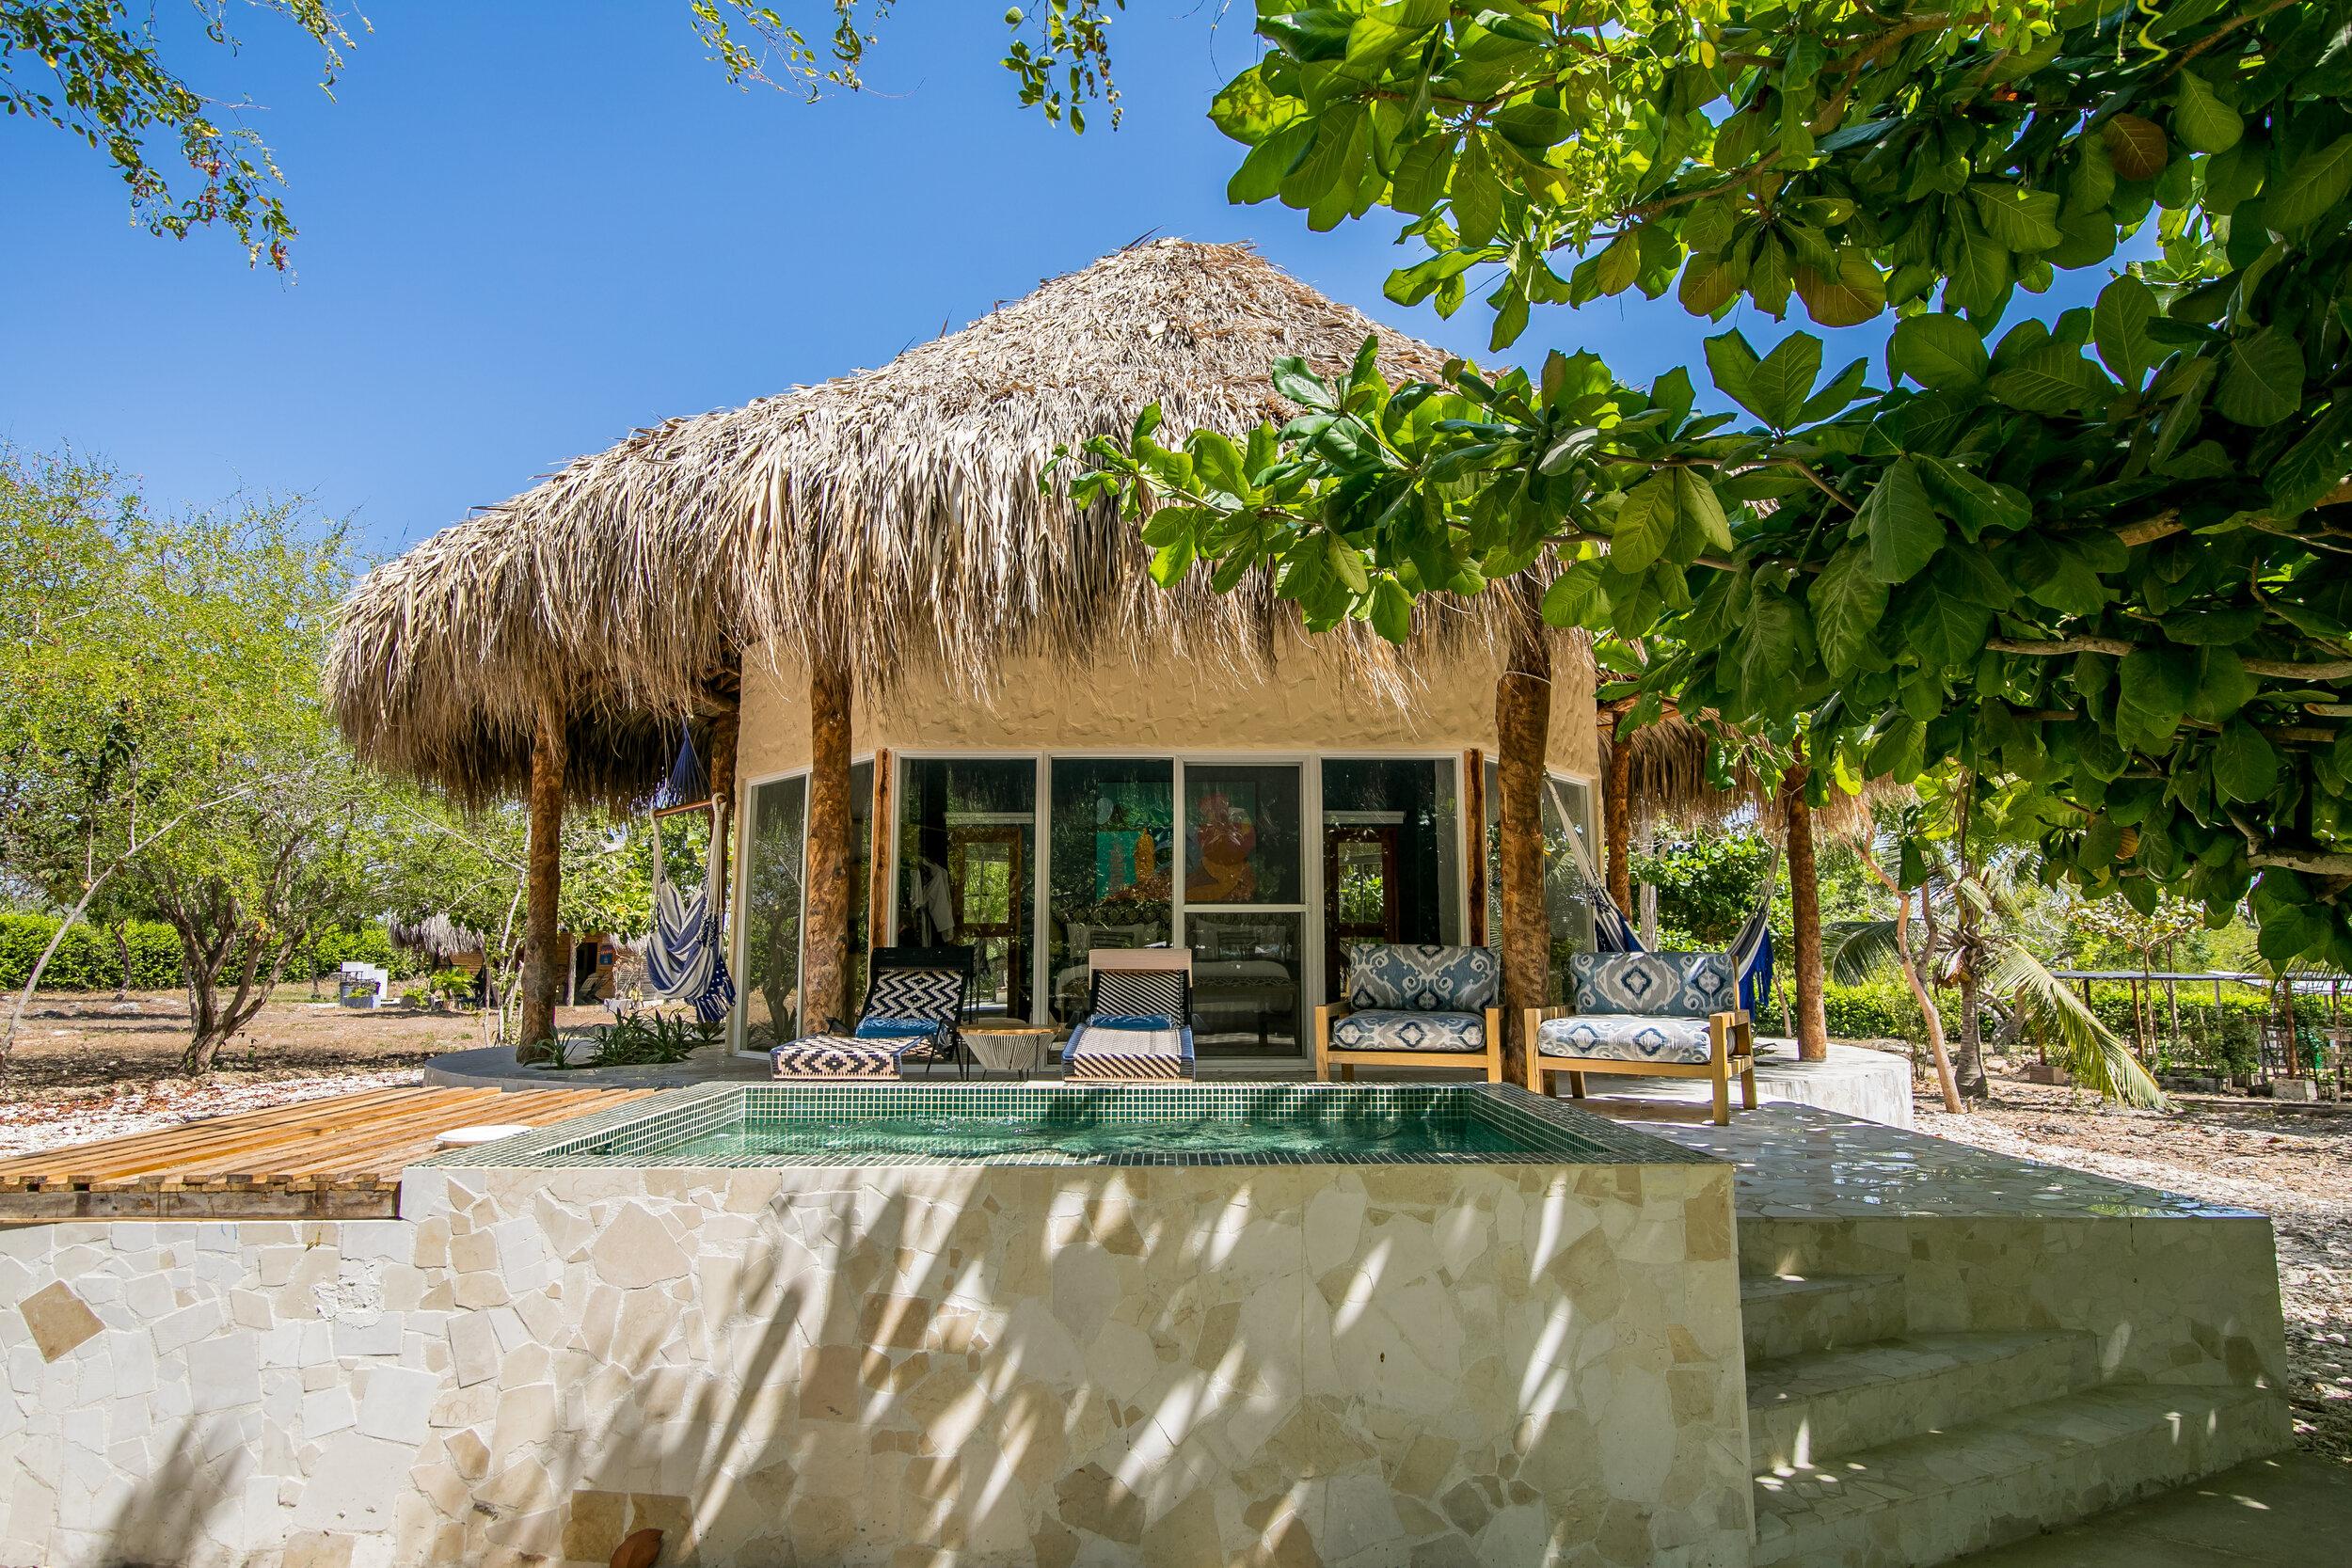 Blue Apple_Cabana Bungalow Exterior.jpg